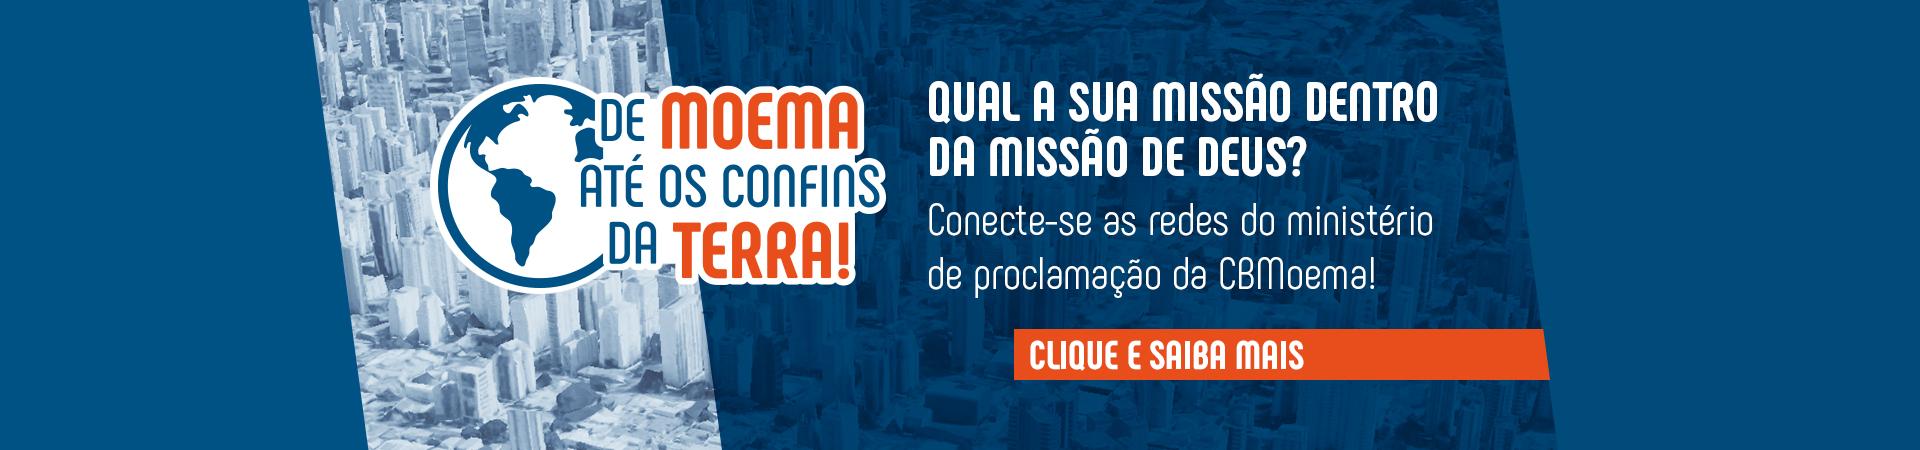 baner_de_moema_ate_os confins_da_terra